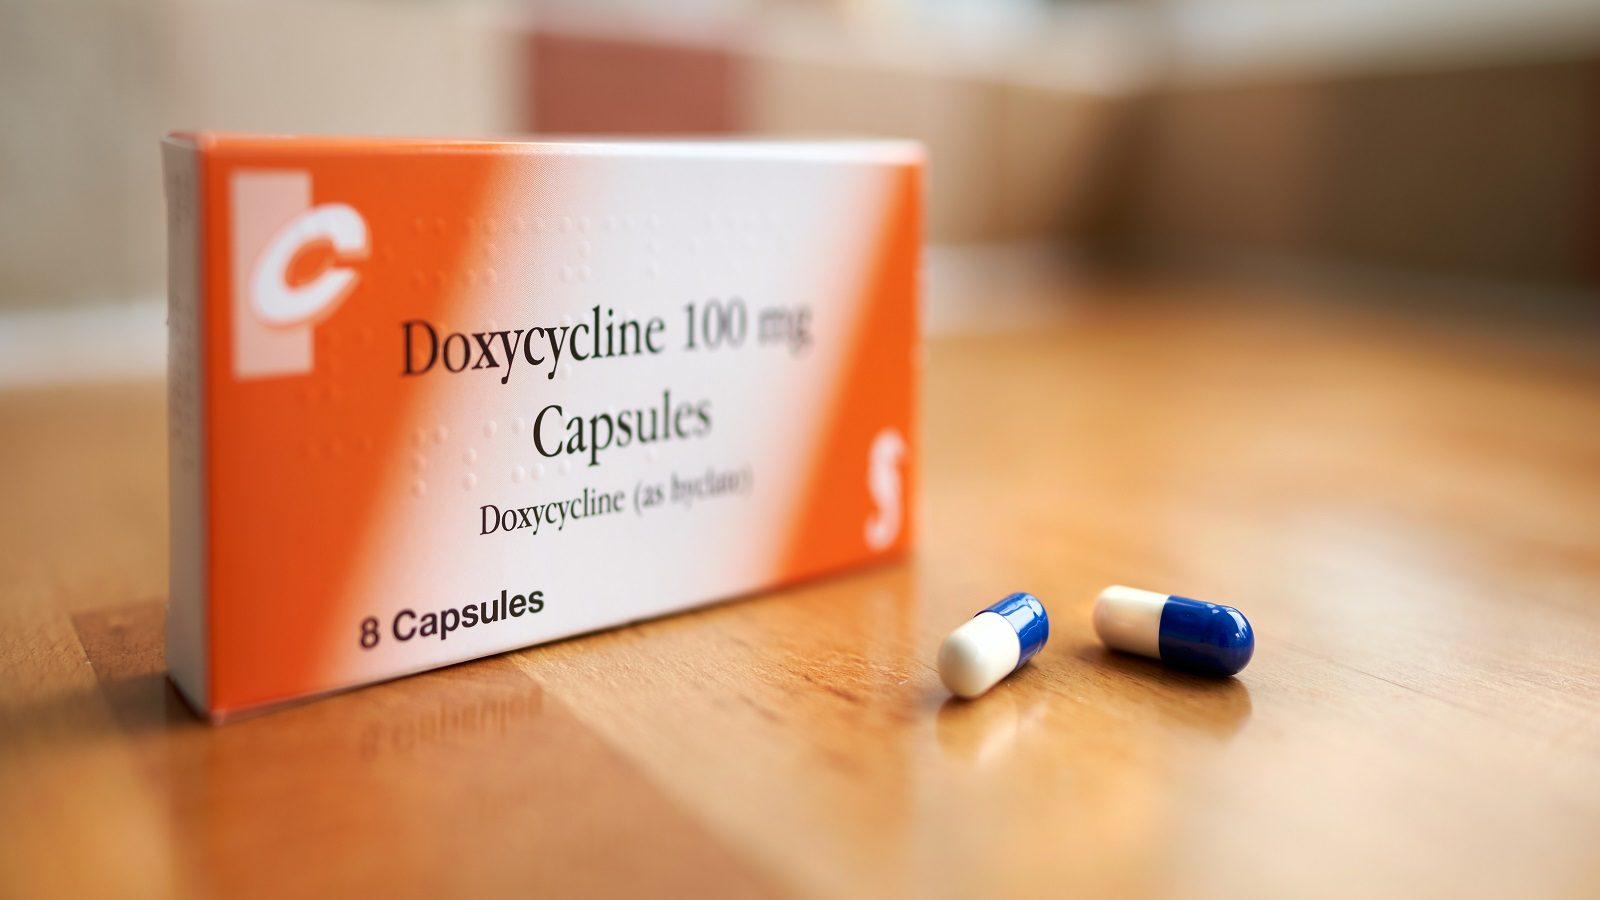 دواء دوكسيسايكلين: إرشادات الاستخدام والآثار الجانبية والتحذيرات - دواء لعلاج الاتهابات الجرثومية - مضاد حيوي يطرد الجراثيم